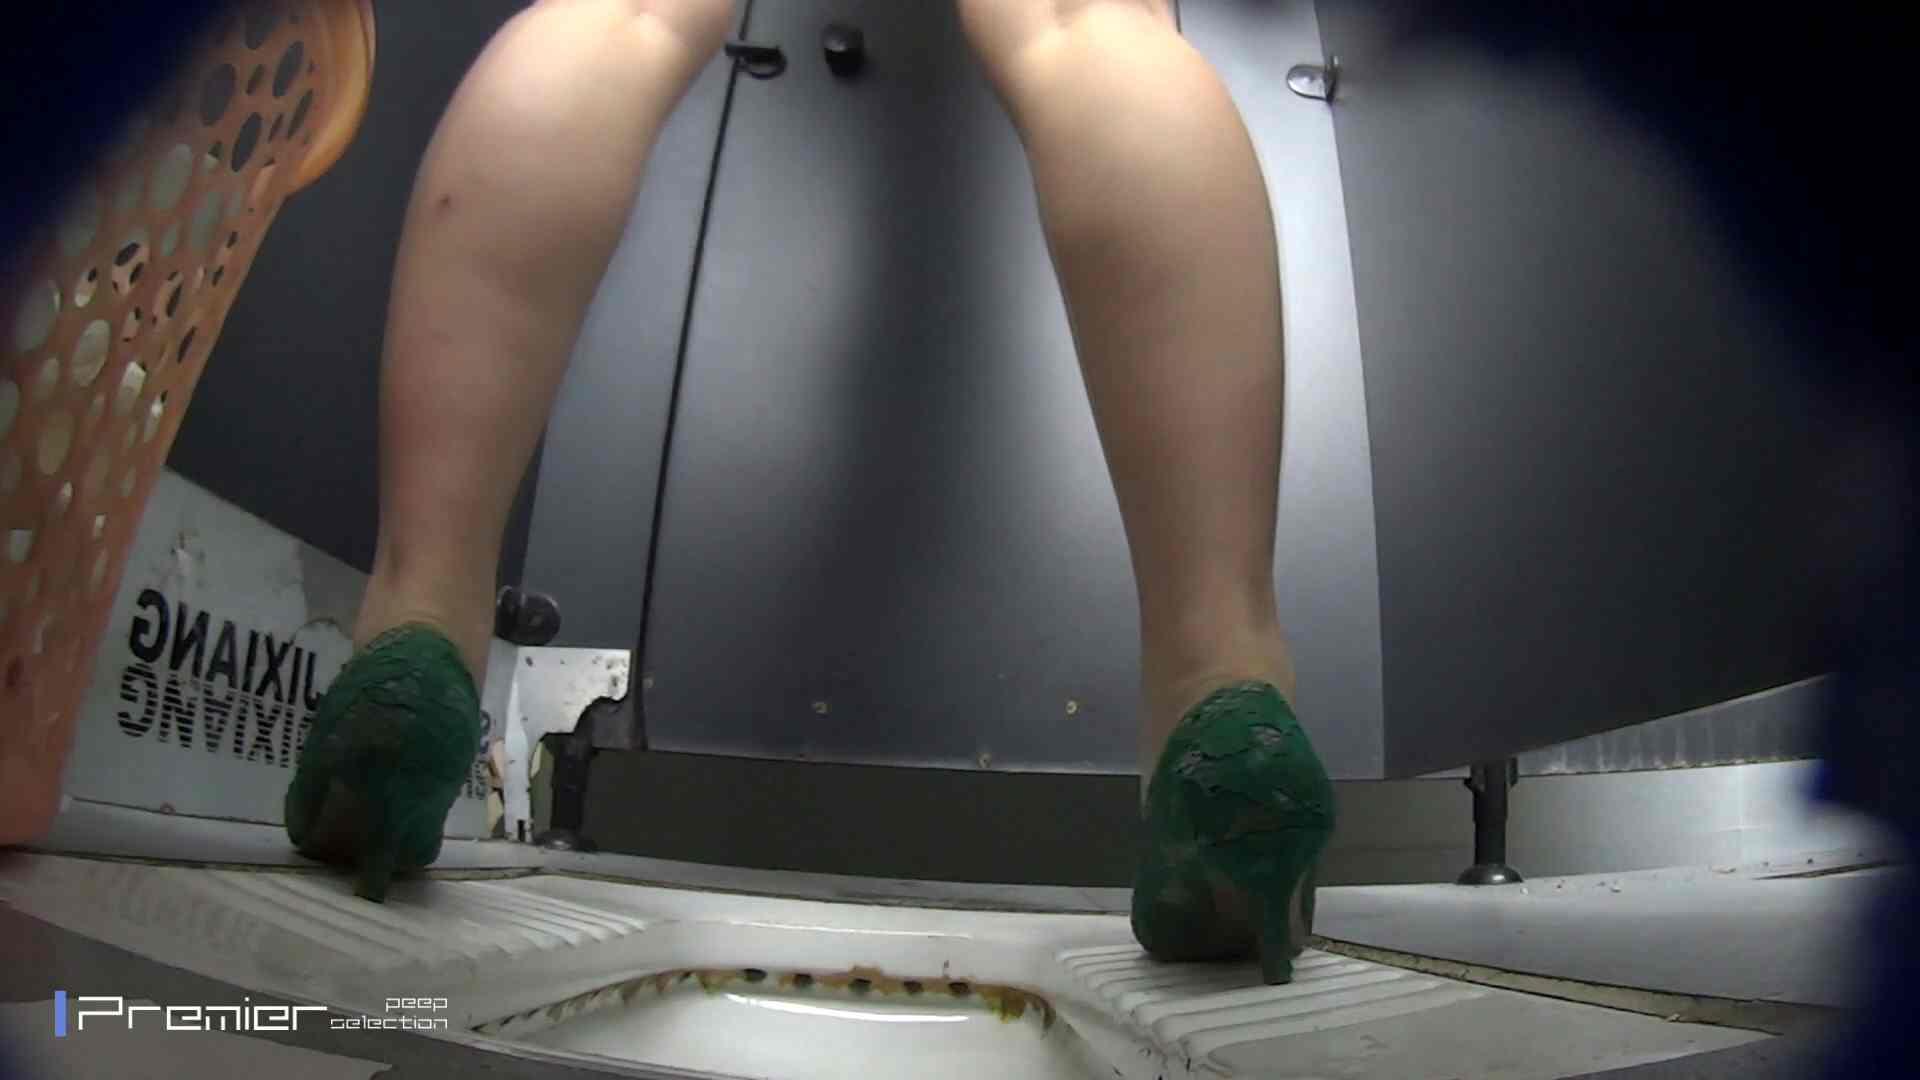 びゅーっと!オシッコ放出 大学休憩時間の洗面所事情47 洗面所 スケベ動画紹介 103PIX 2